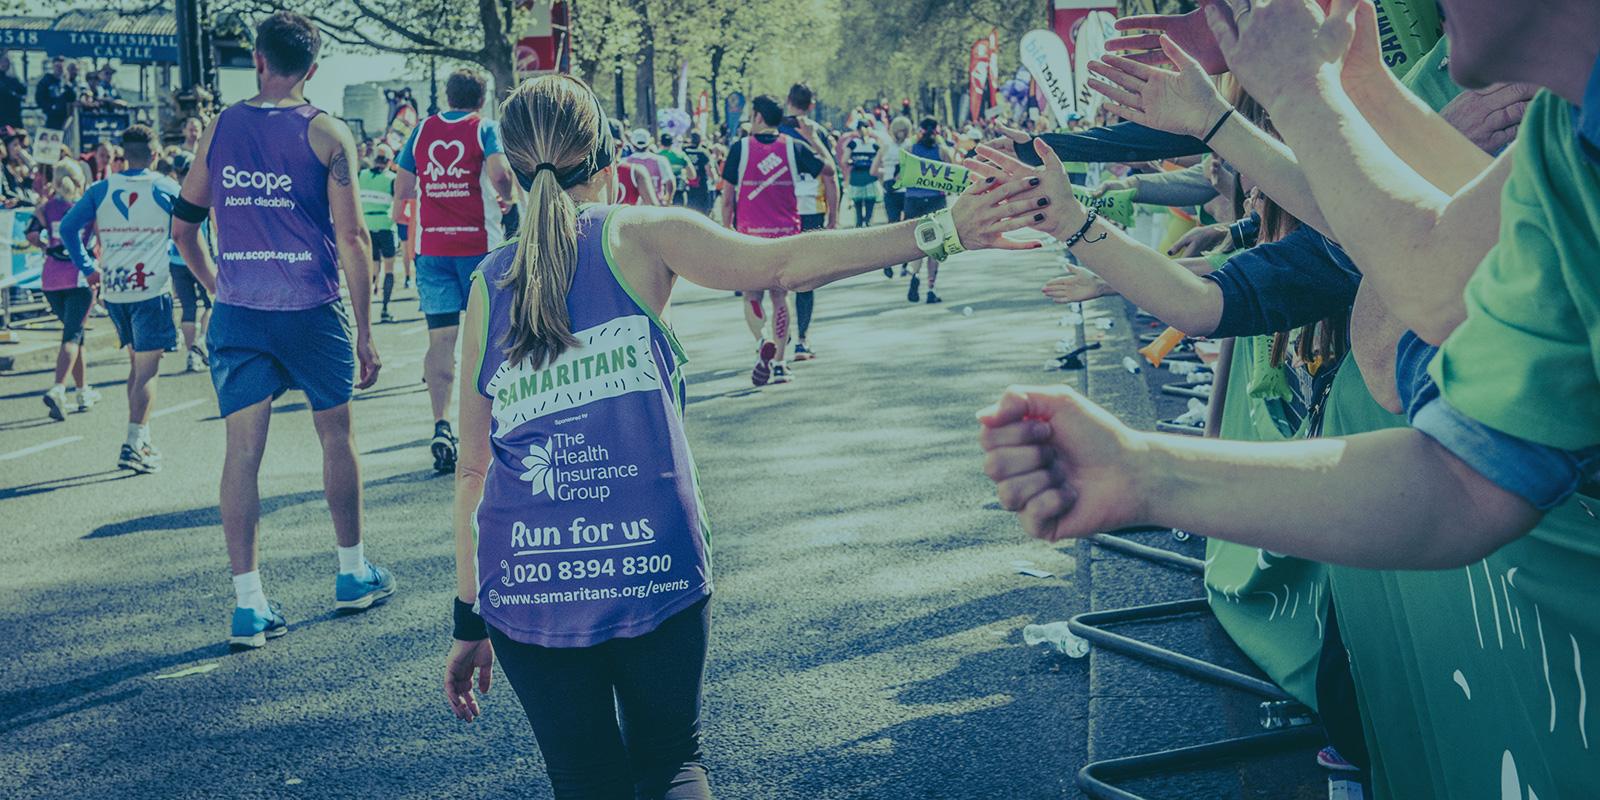 Samaritans marathon